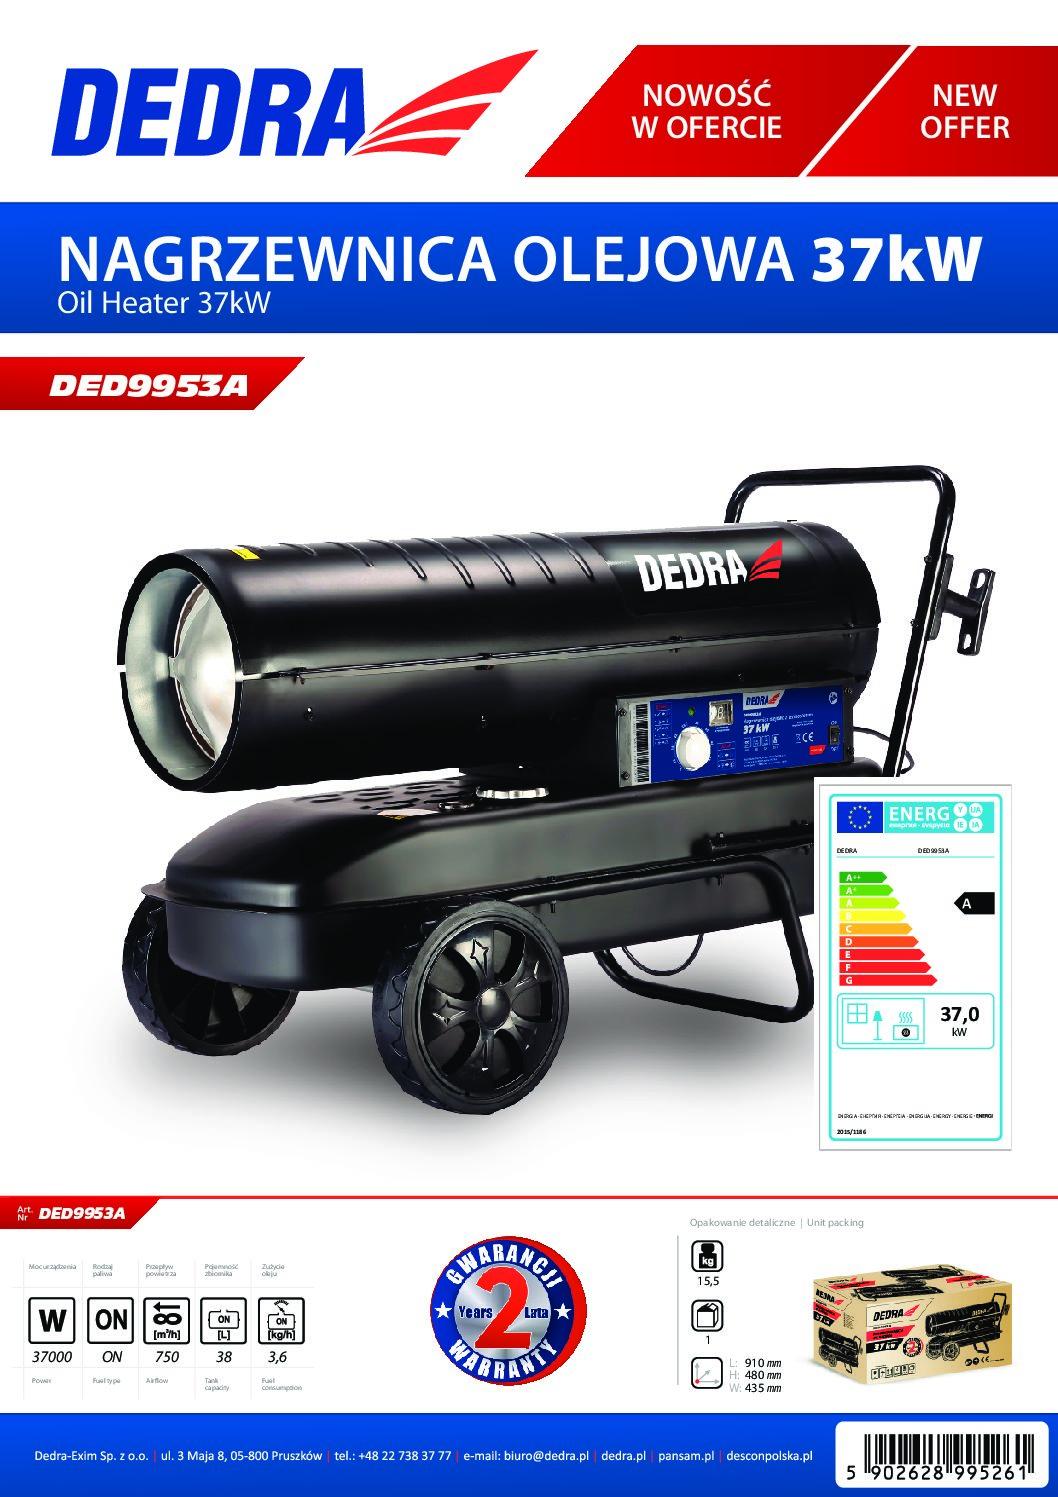 Dedra olajüzemű gázolajos hőlégfúvó 37kW kerekekkel DED9953A